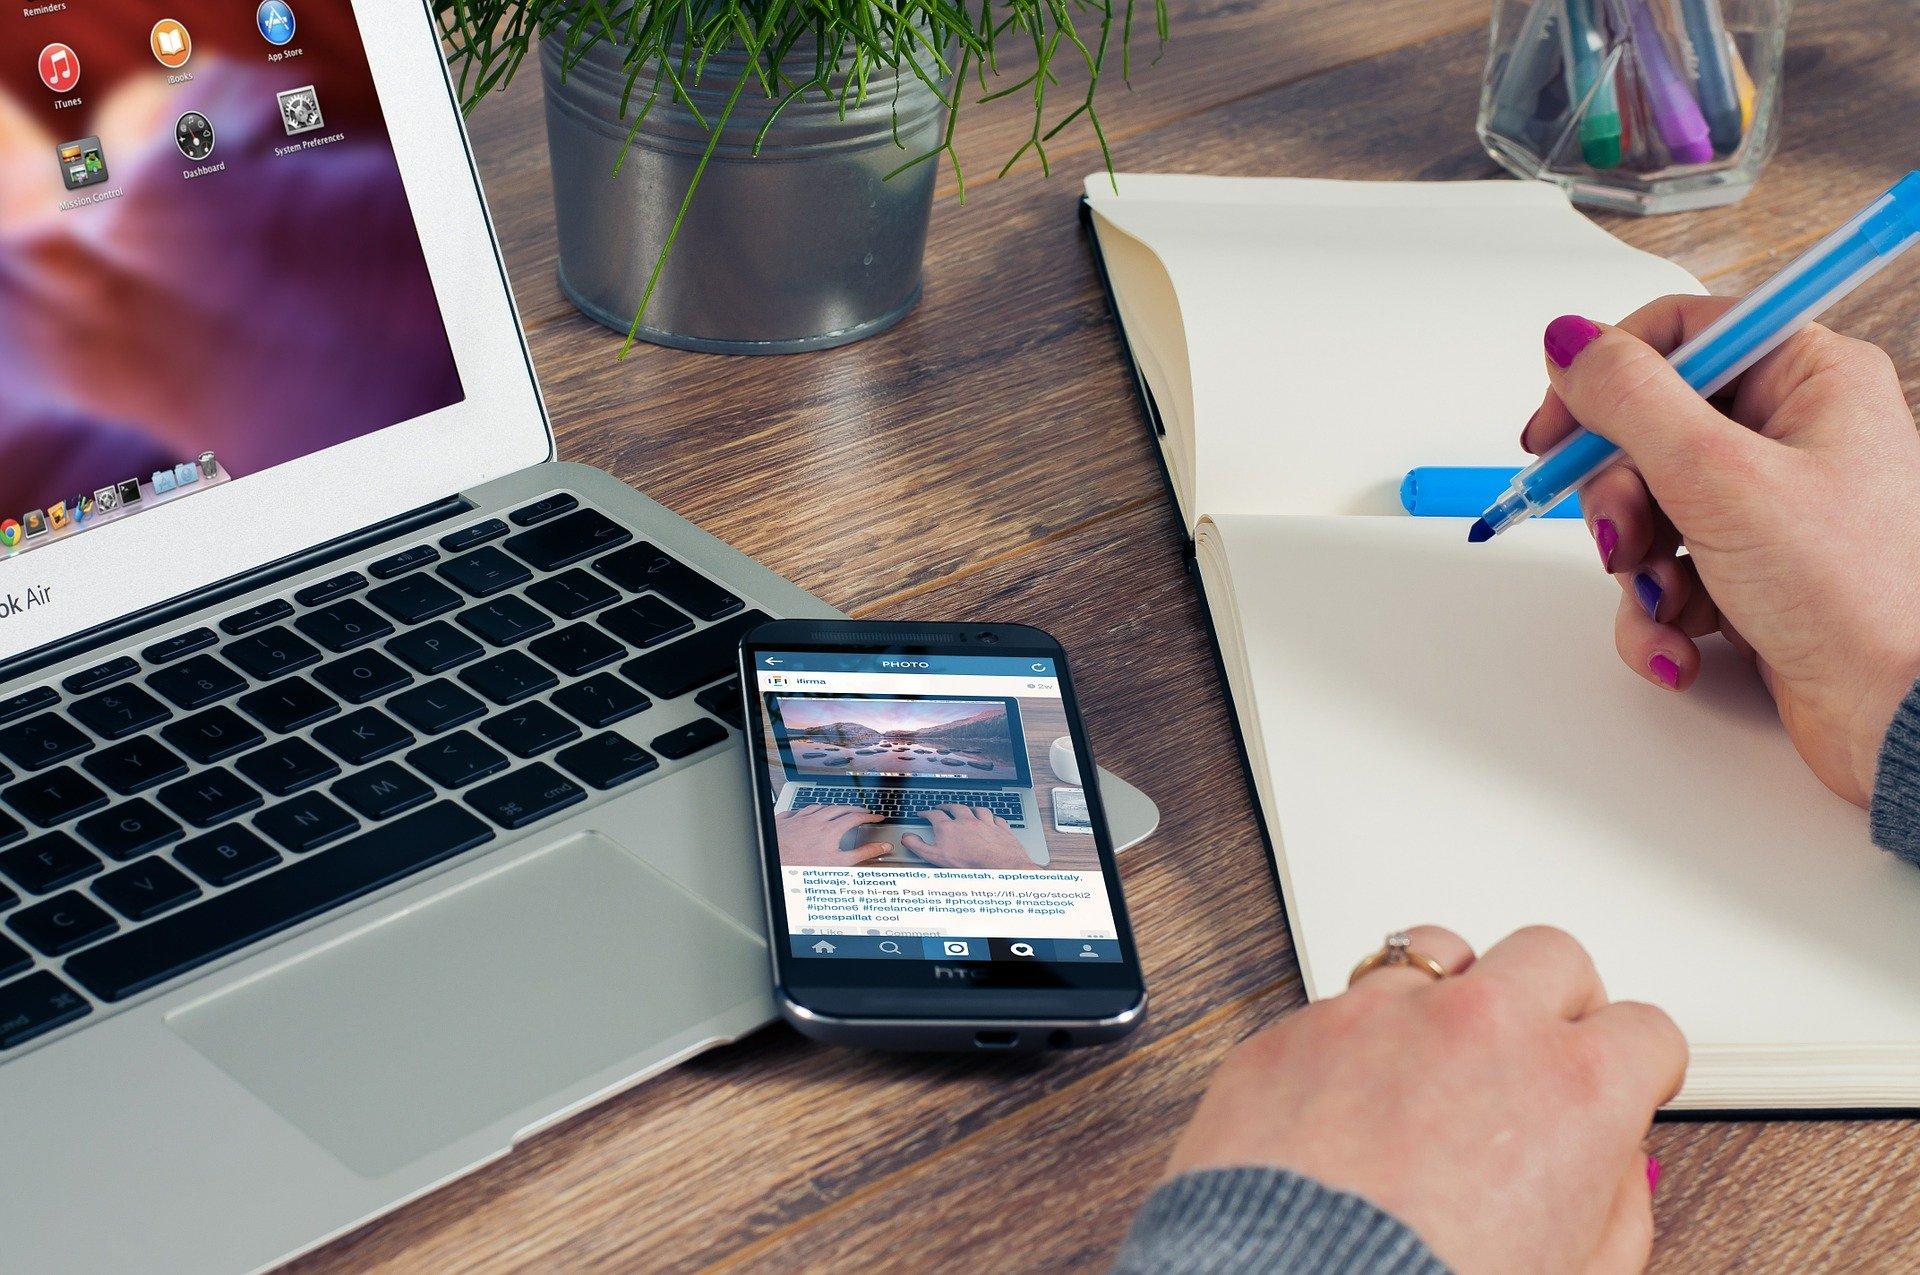 Kompiuteris kišenėje arba kaip savo telefoną paversti patogiu darbo įrankiu